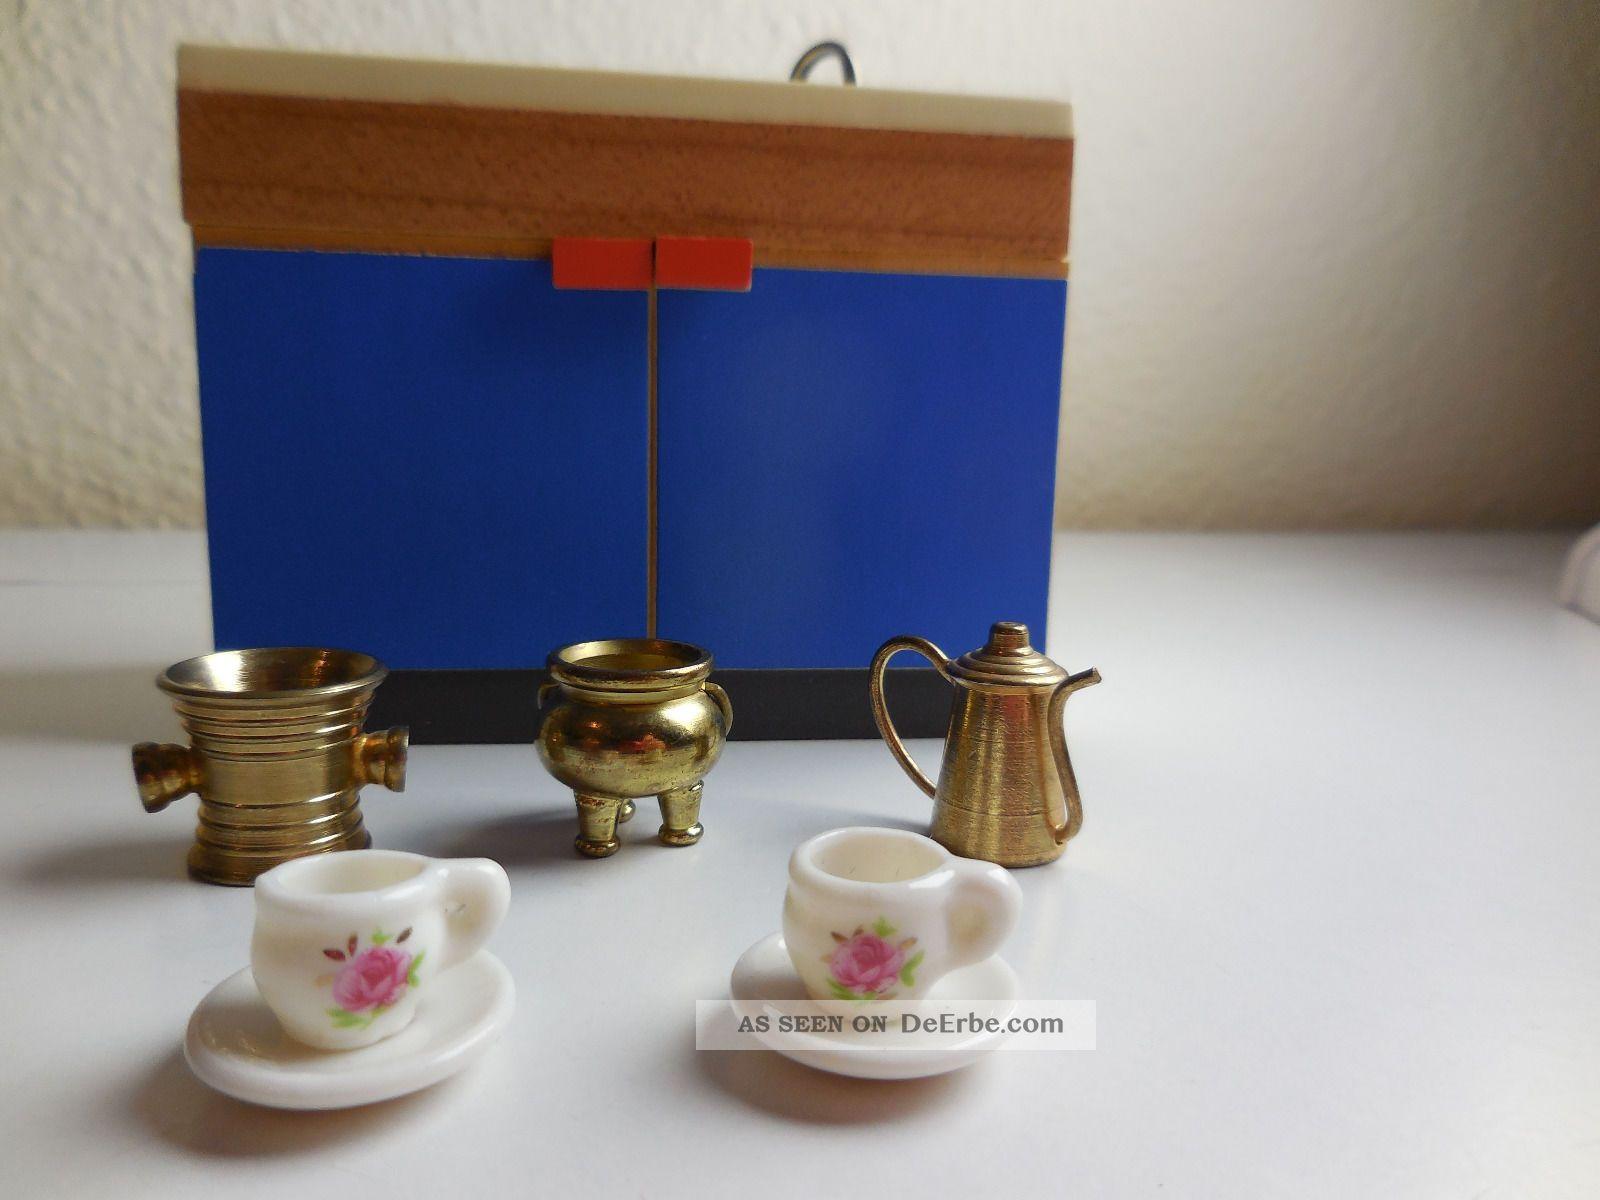 Splbecken Porzellan Interesting Reutter Porzellan Miniaturen Reutter Miniaturen Porzellan